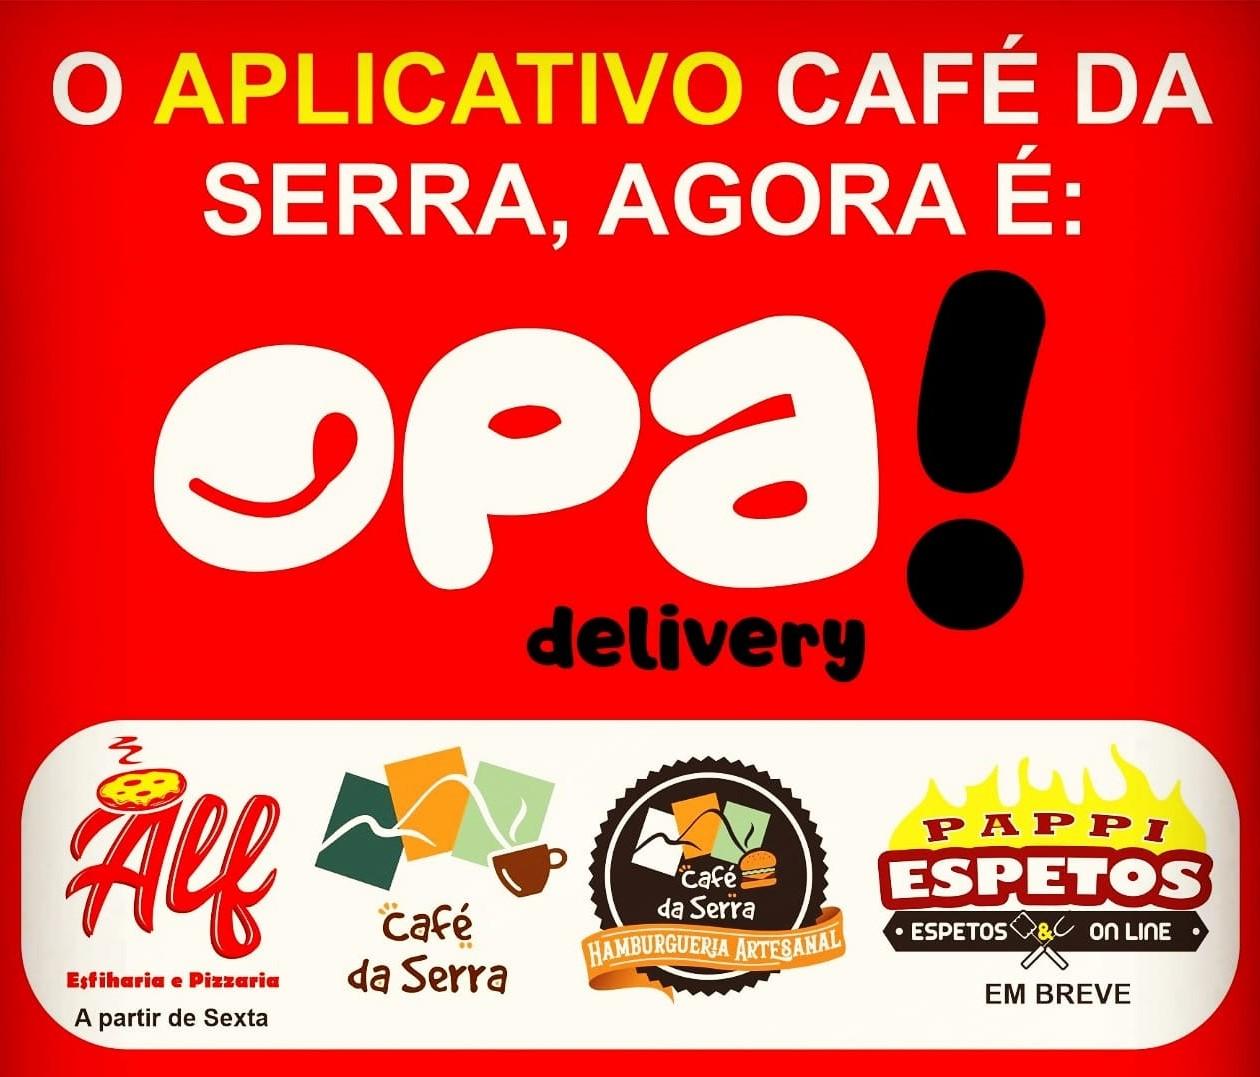 Feijoada completa, além de massas, carnes e muito mais no Artesanatos e Café da Serra